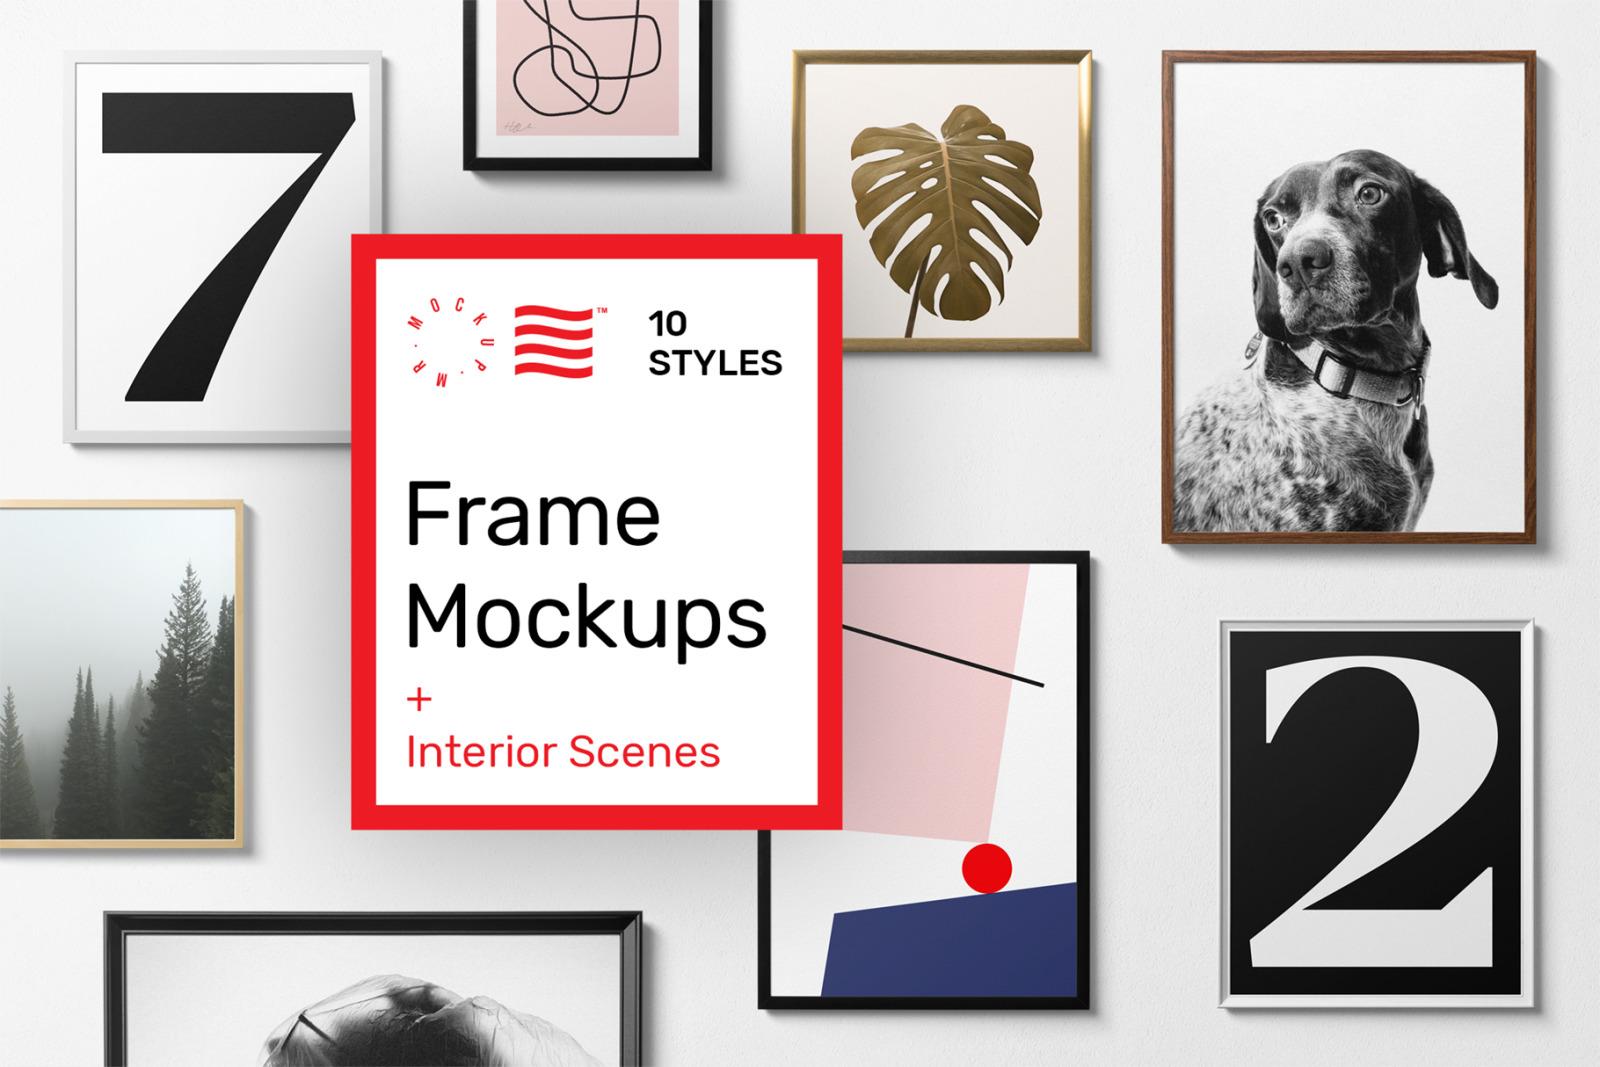 poster frame mockups generator in